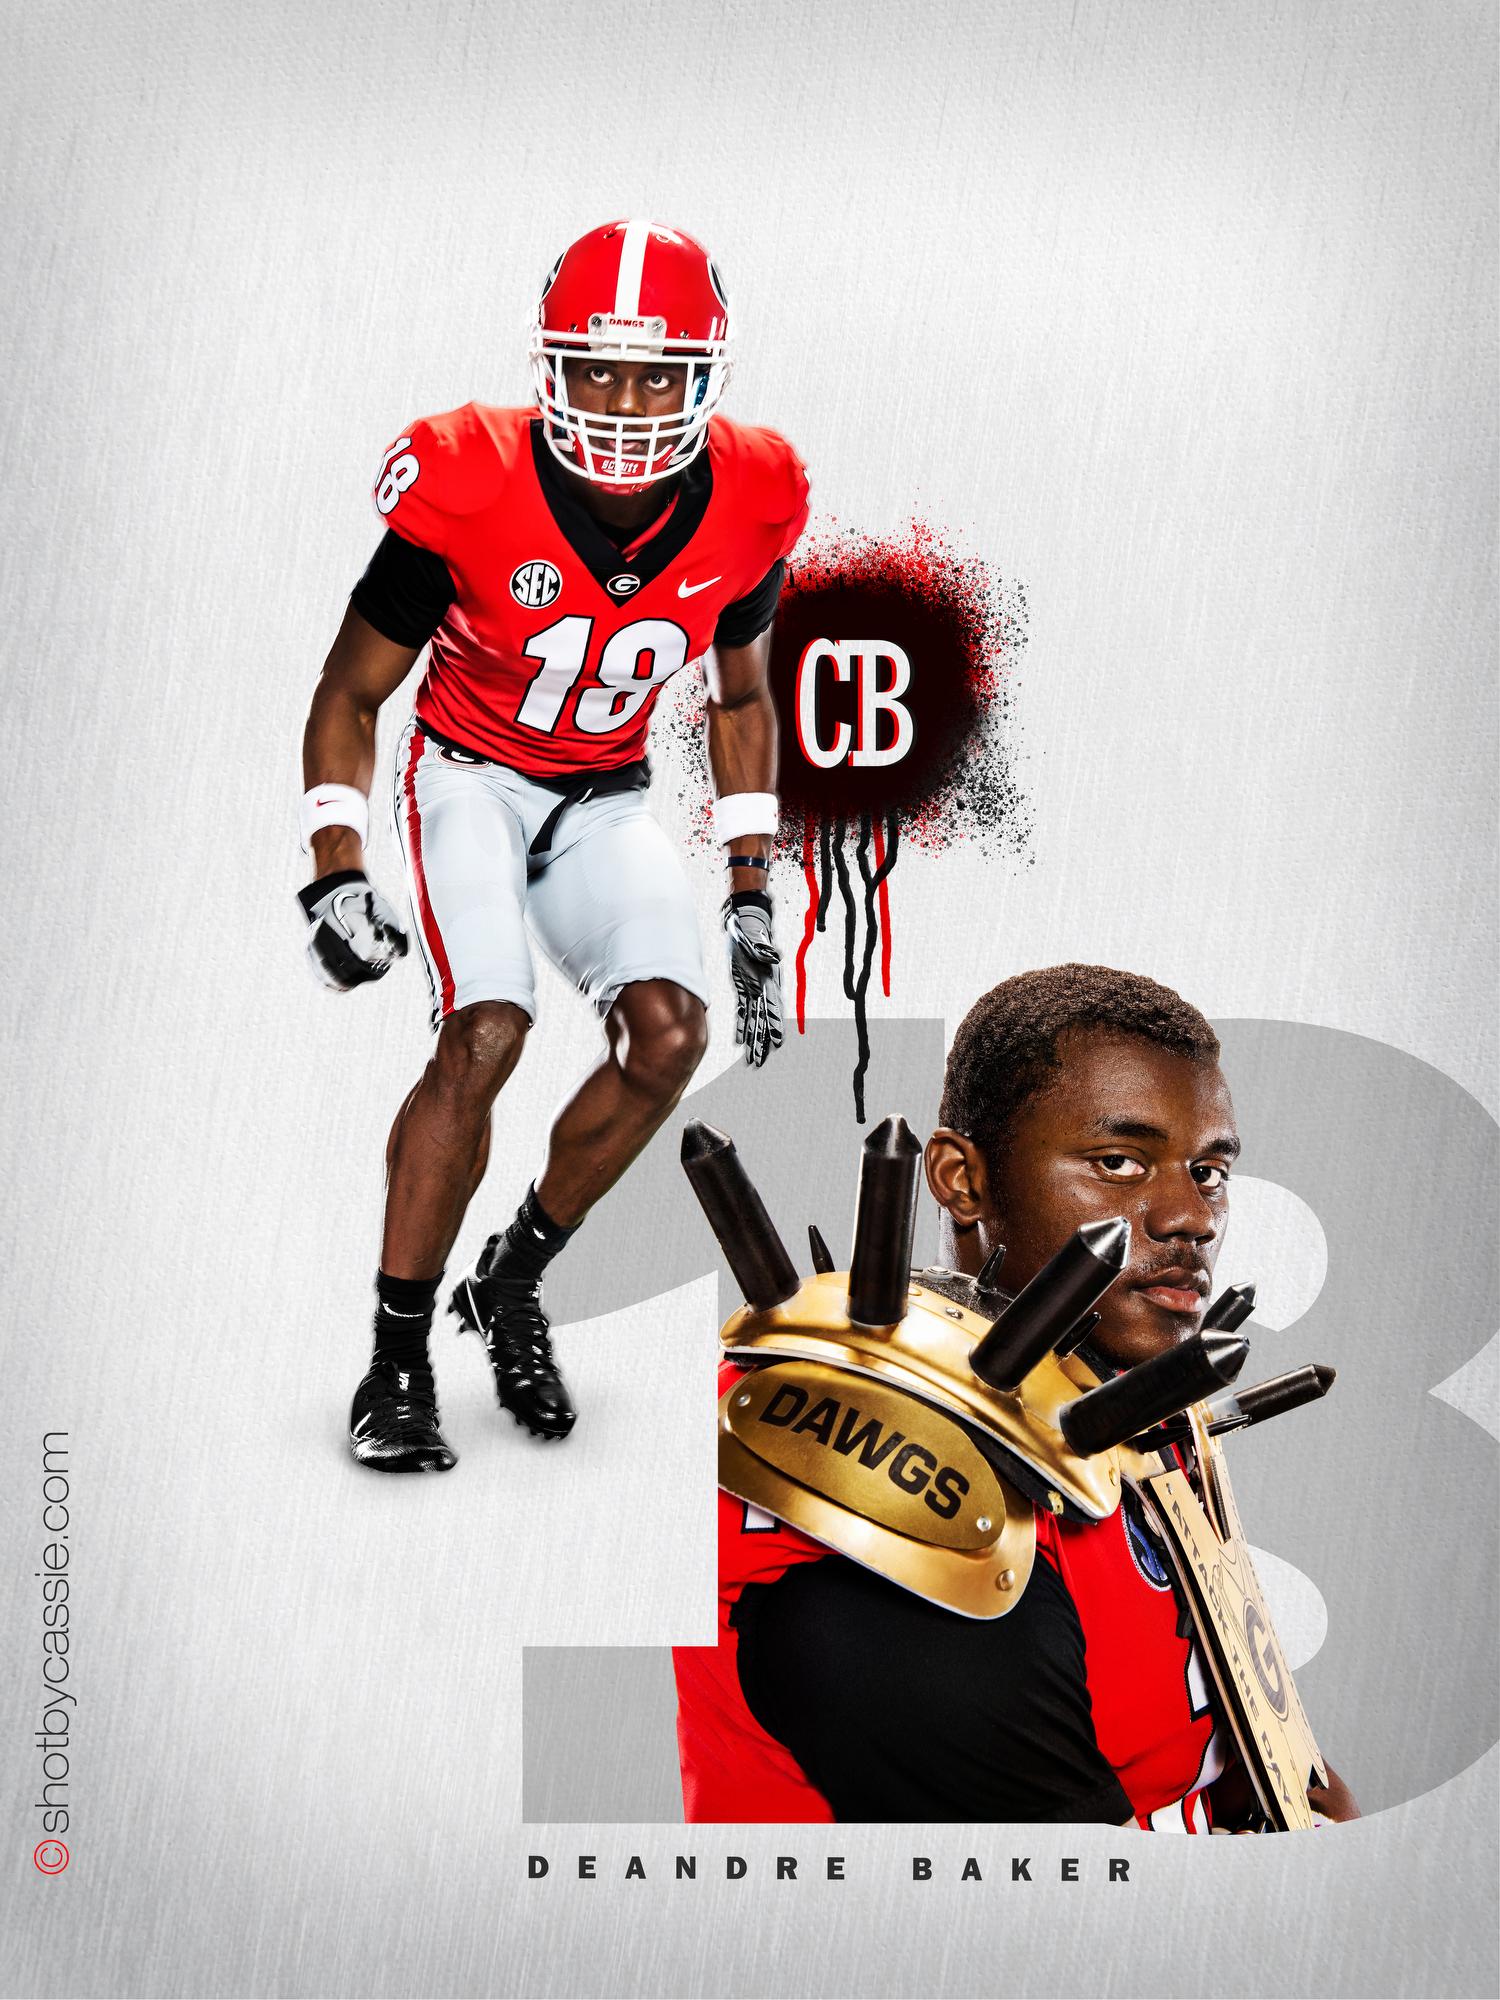 Athens Georgia Sports Photographer  UGA Georgia Bulldogs Football 2018 Campaign